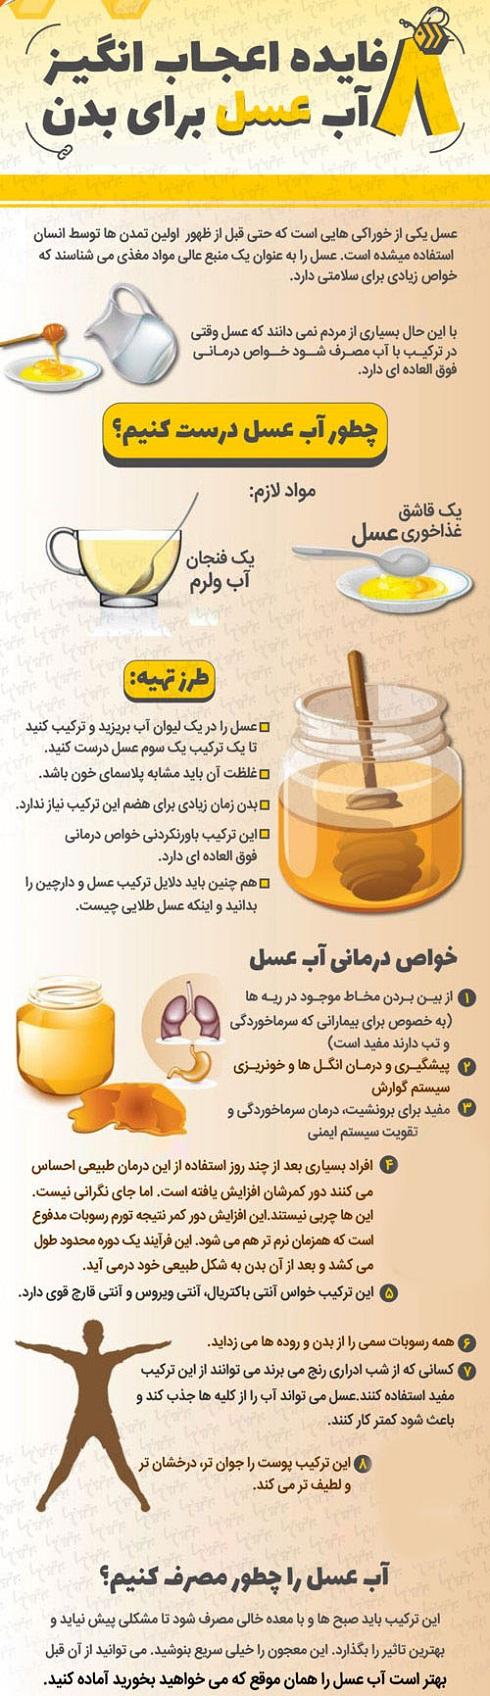 8 معجزه درمانی آب و عسل برای بدن